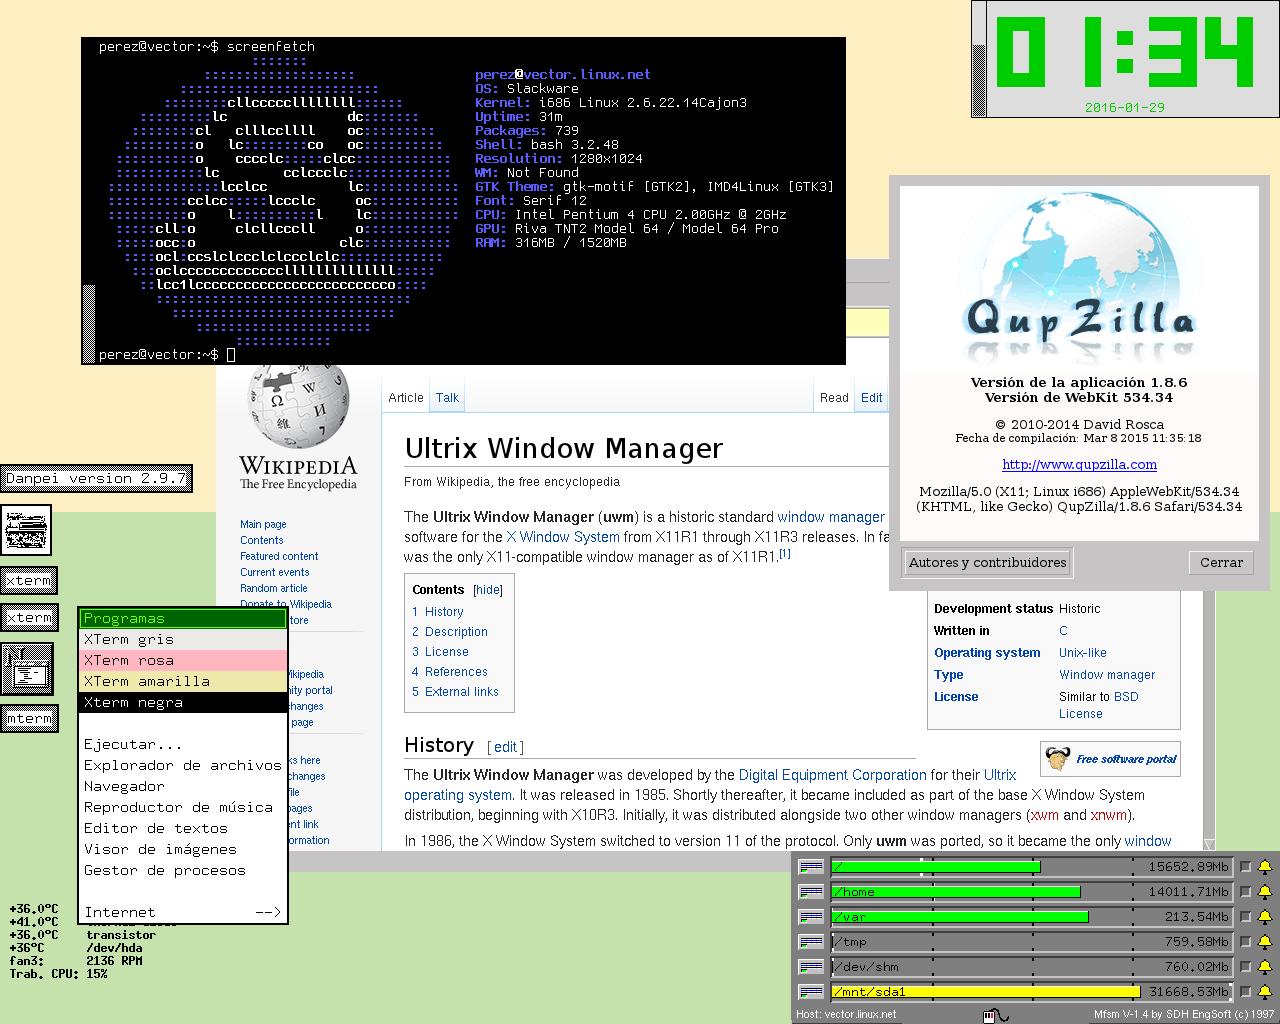 Ultrix Window Manager - Wikipedia